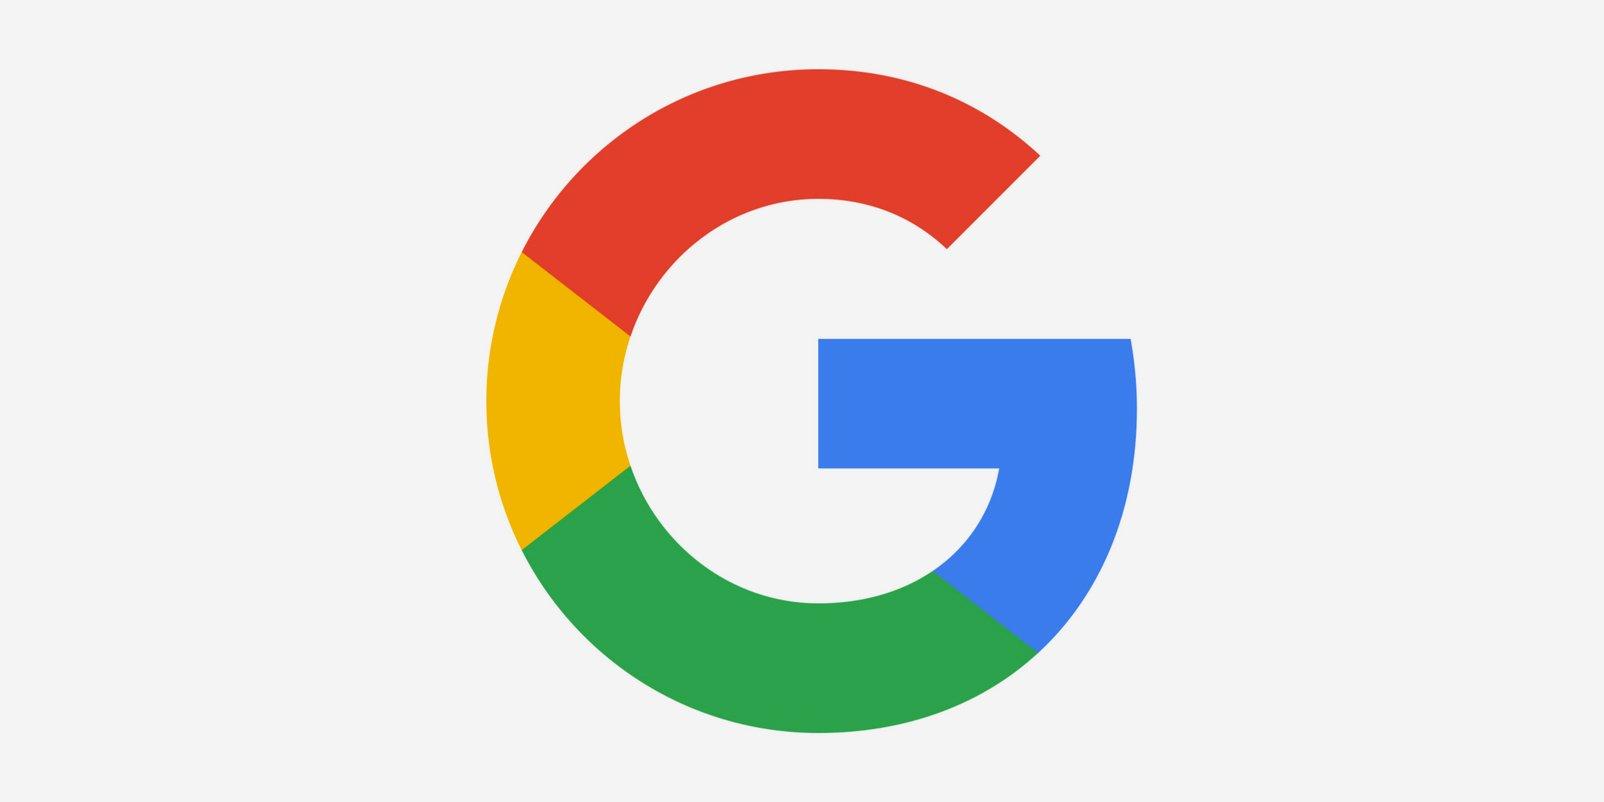 Google donerà 800 milioni di dollari per l'emergenza coronavirus